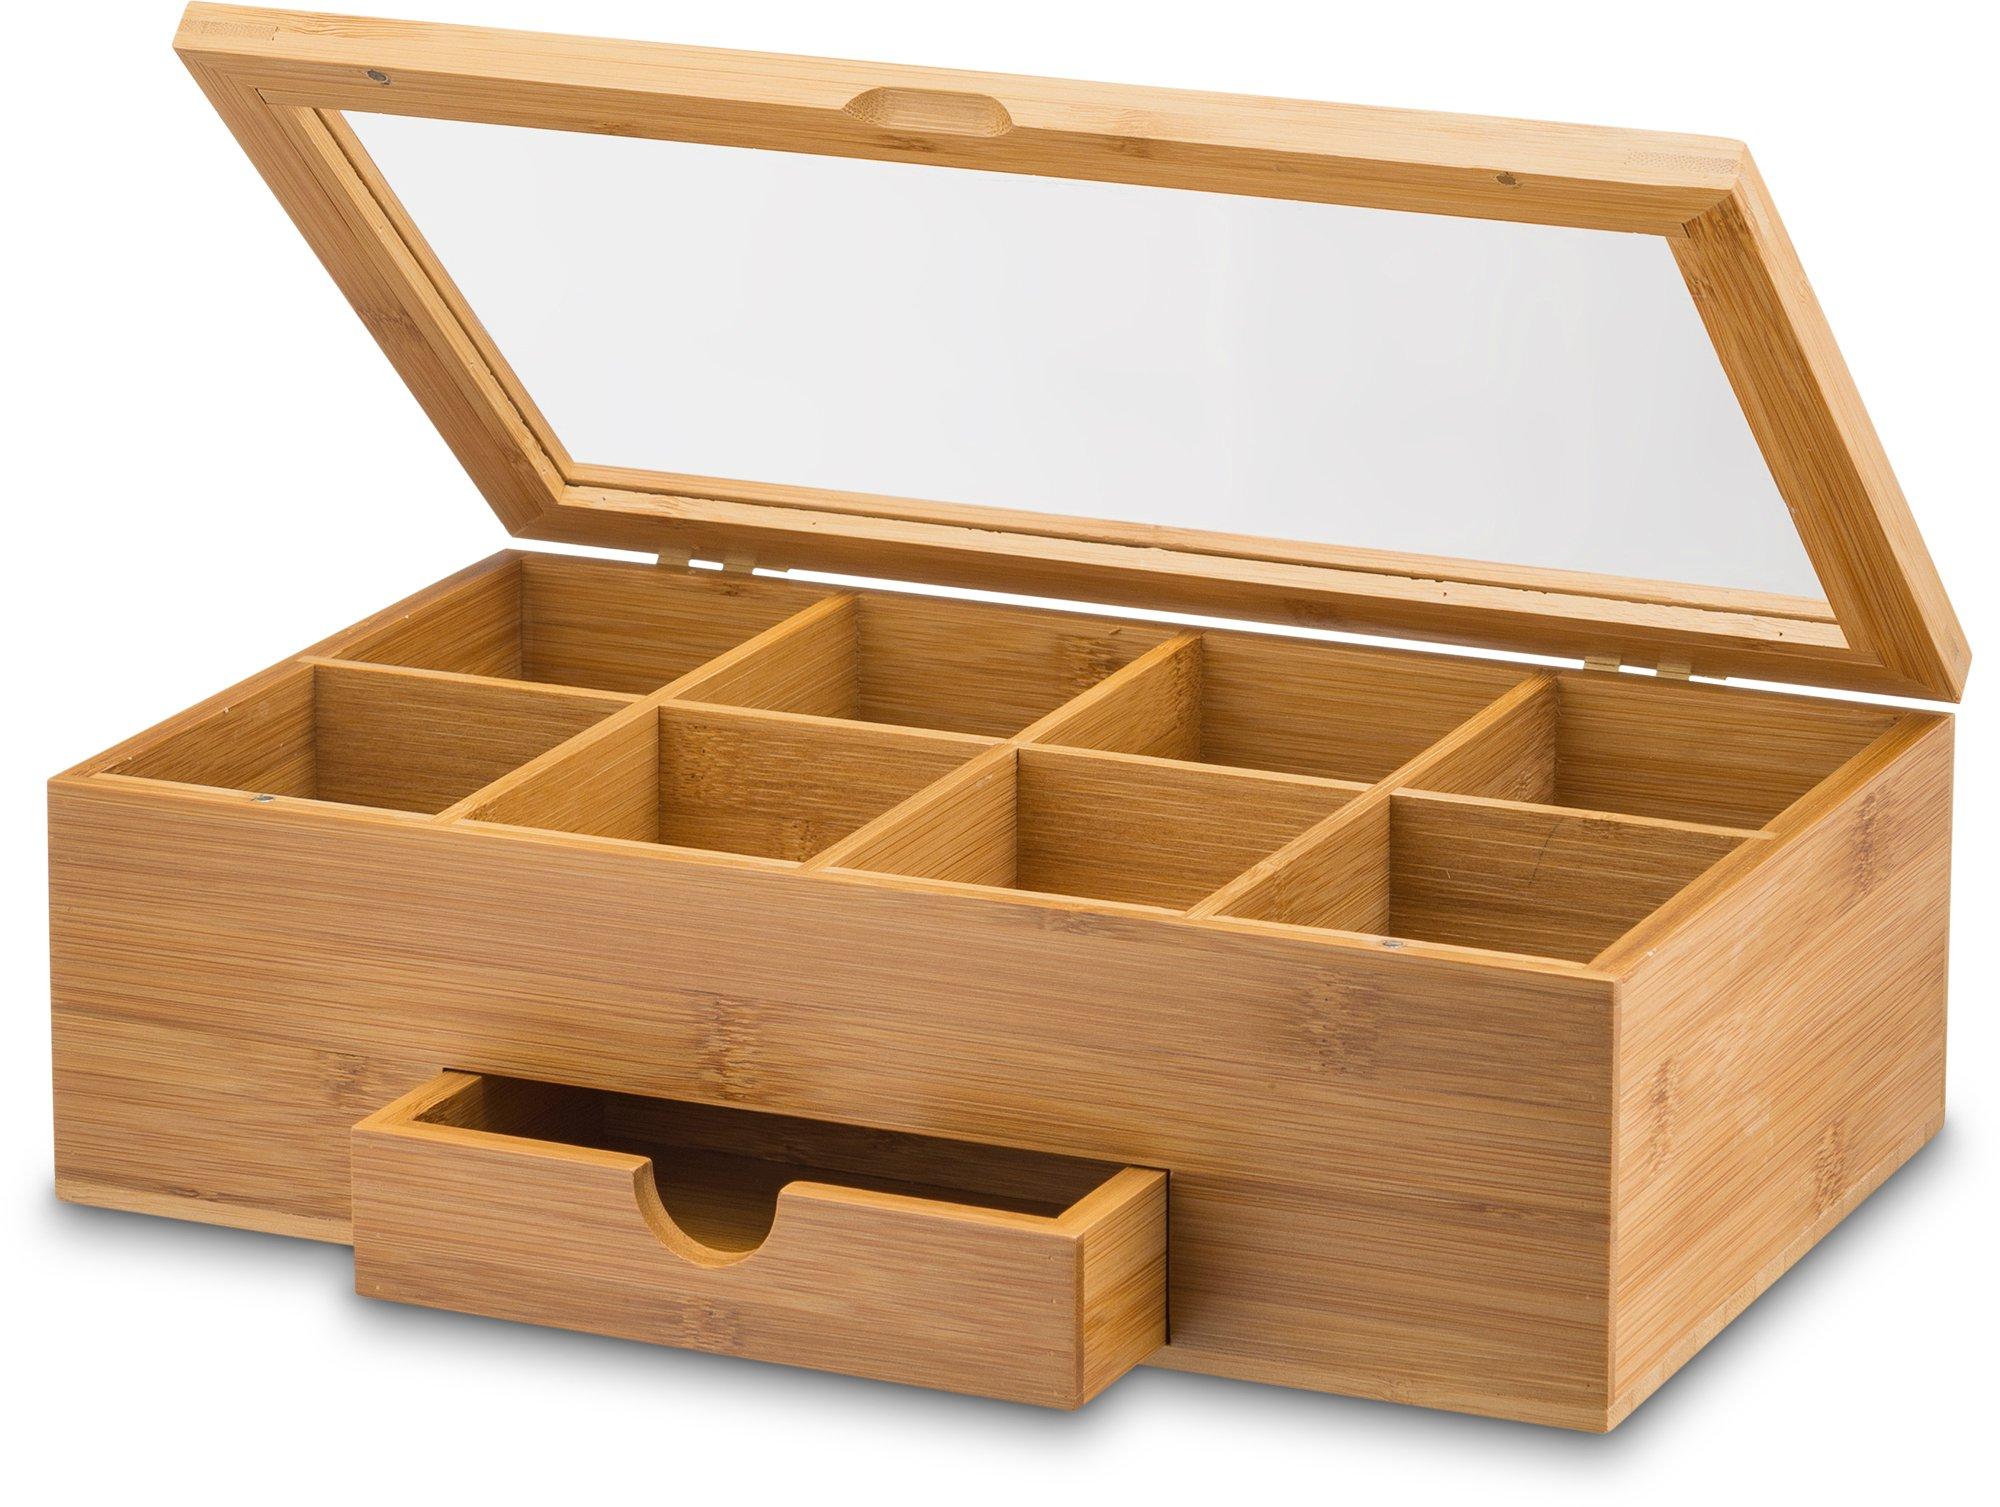 Natural Bamboo Tea Box Organizer with Small Drawer, By Bambusi